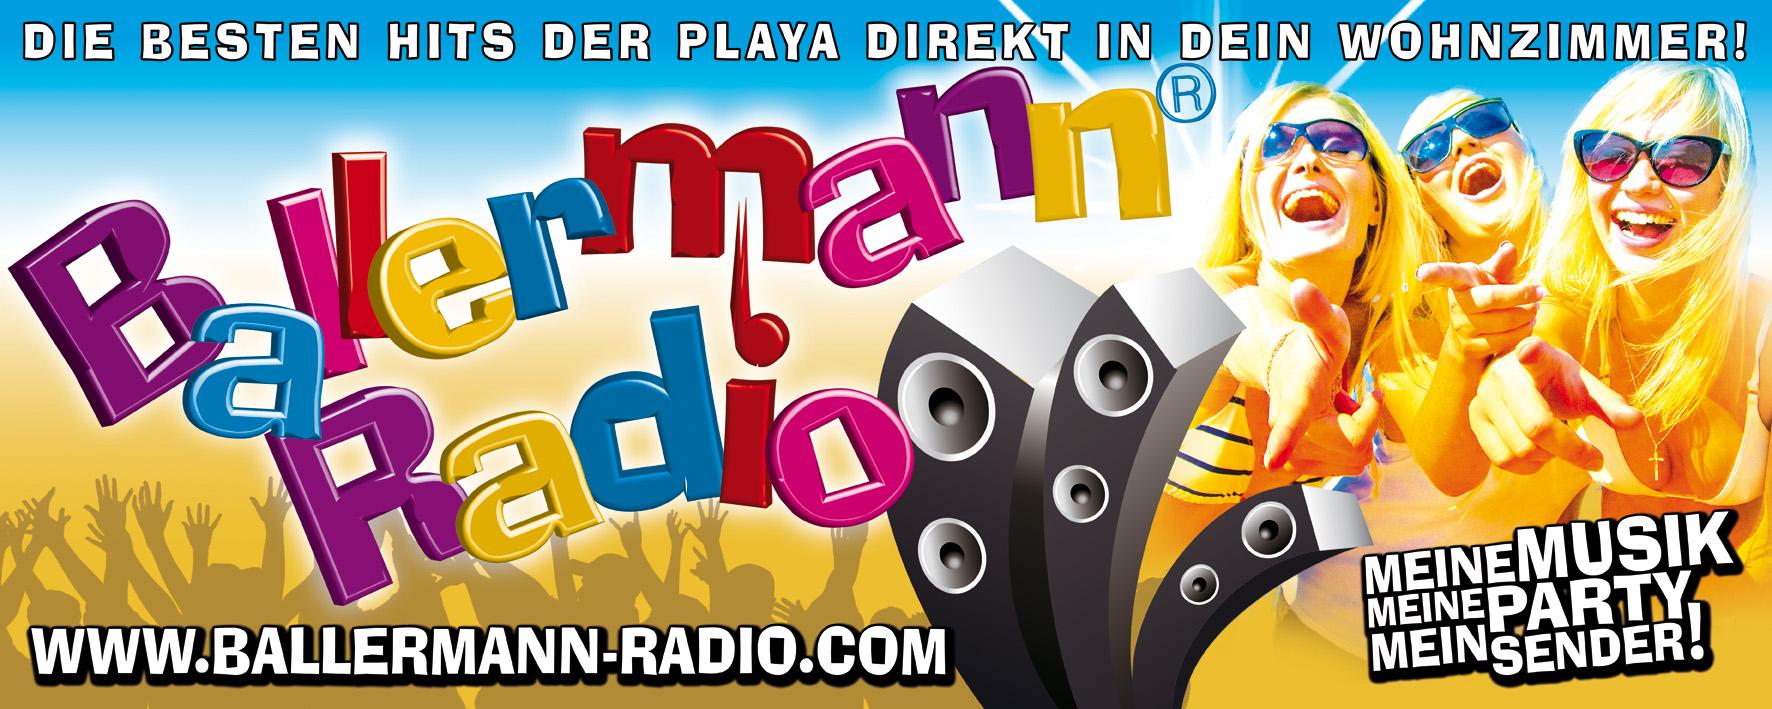 BALLERMANN RADIO: Neue Website Zum Jubiläum!!